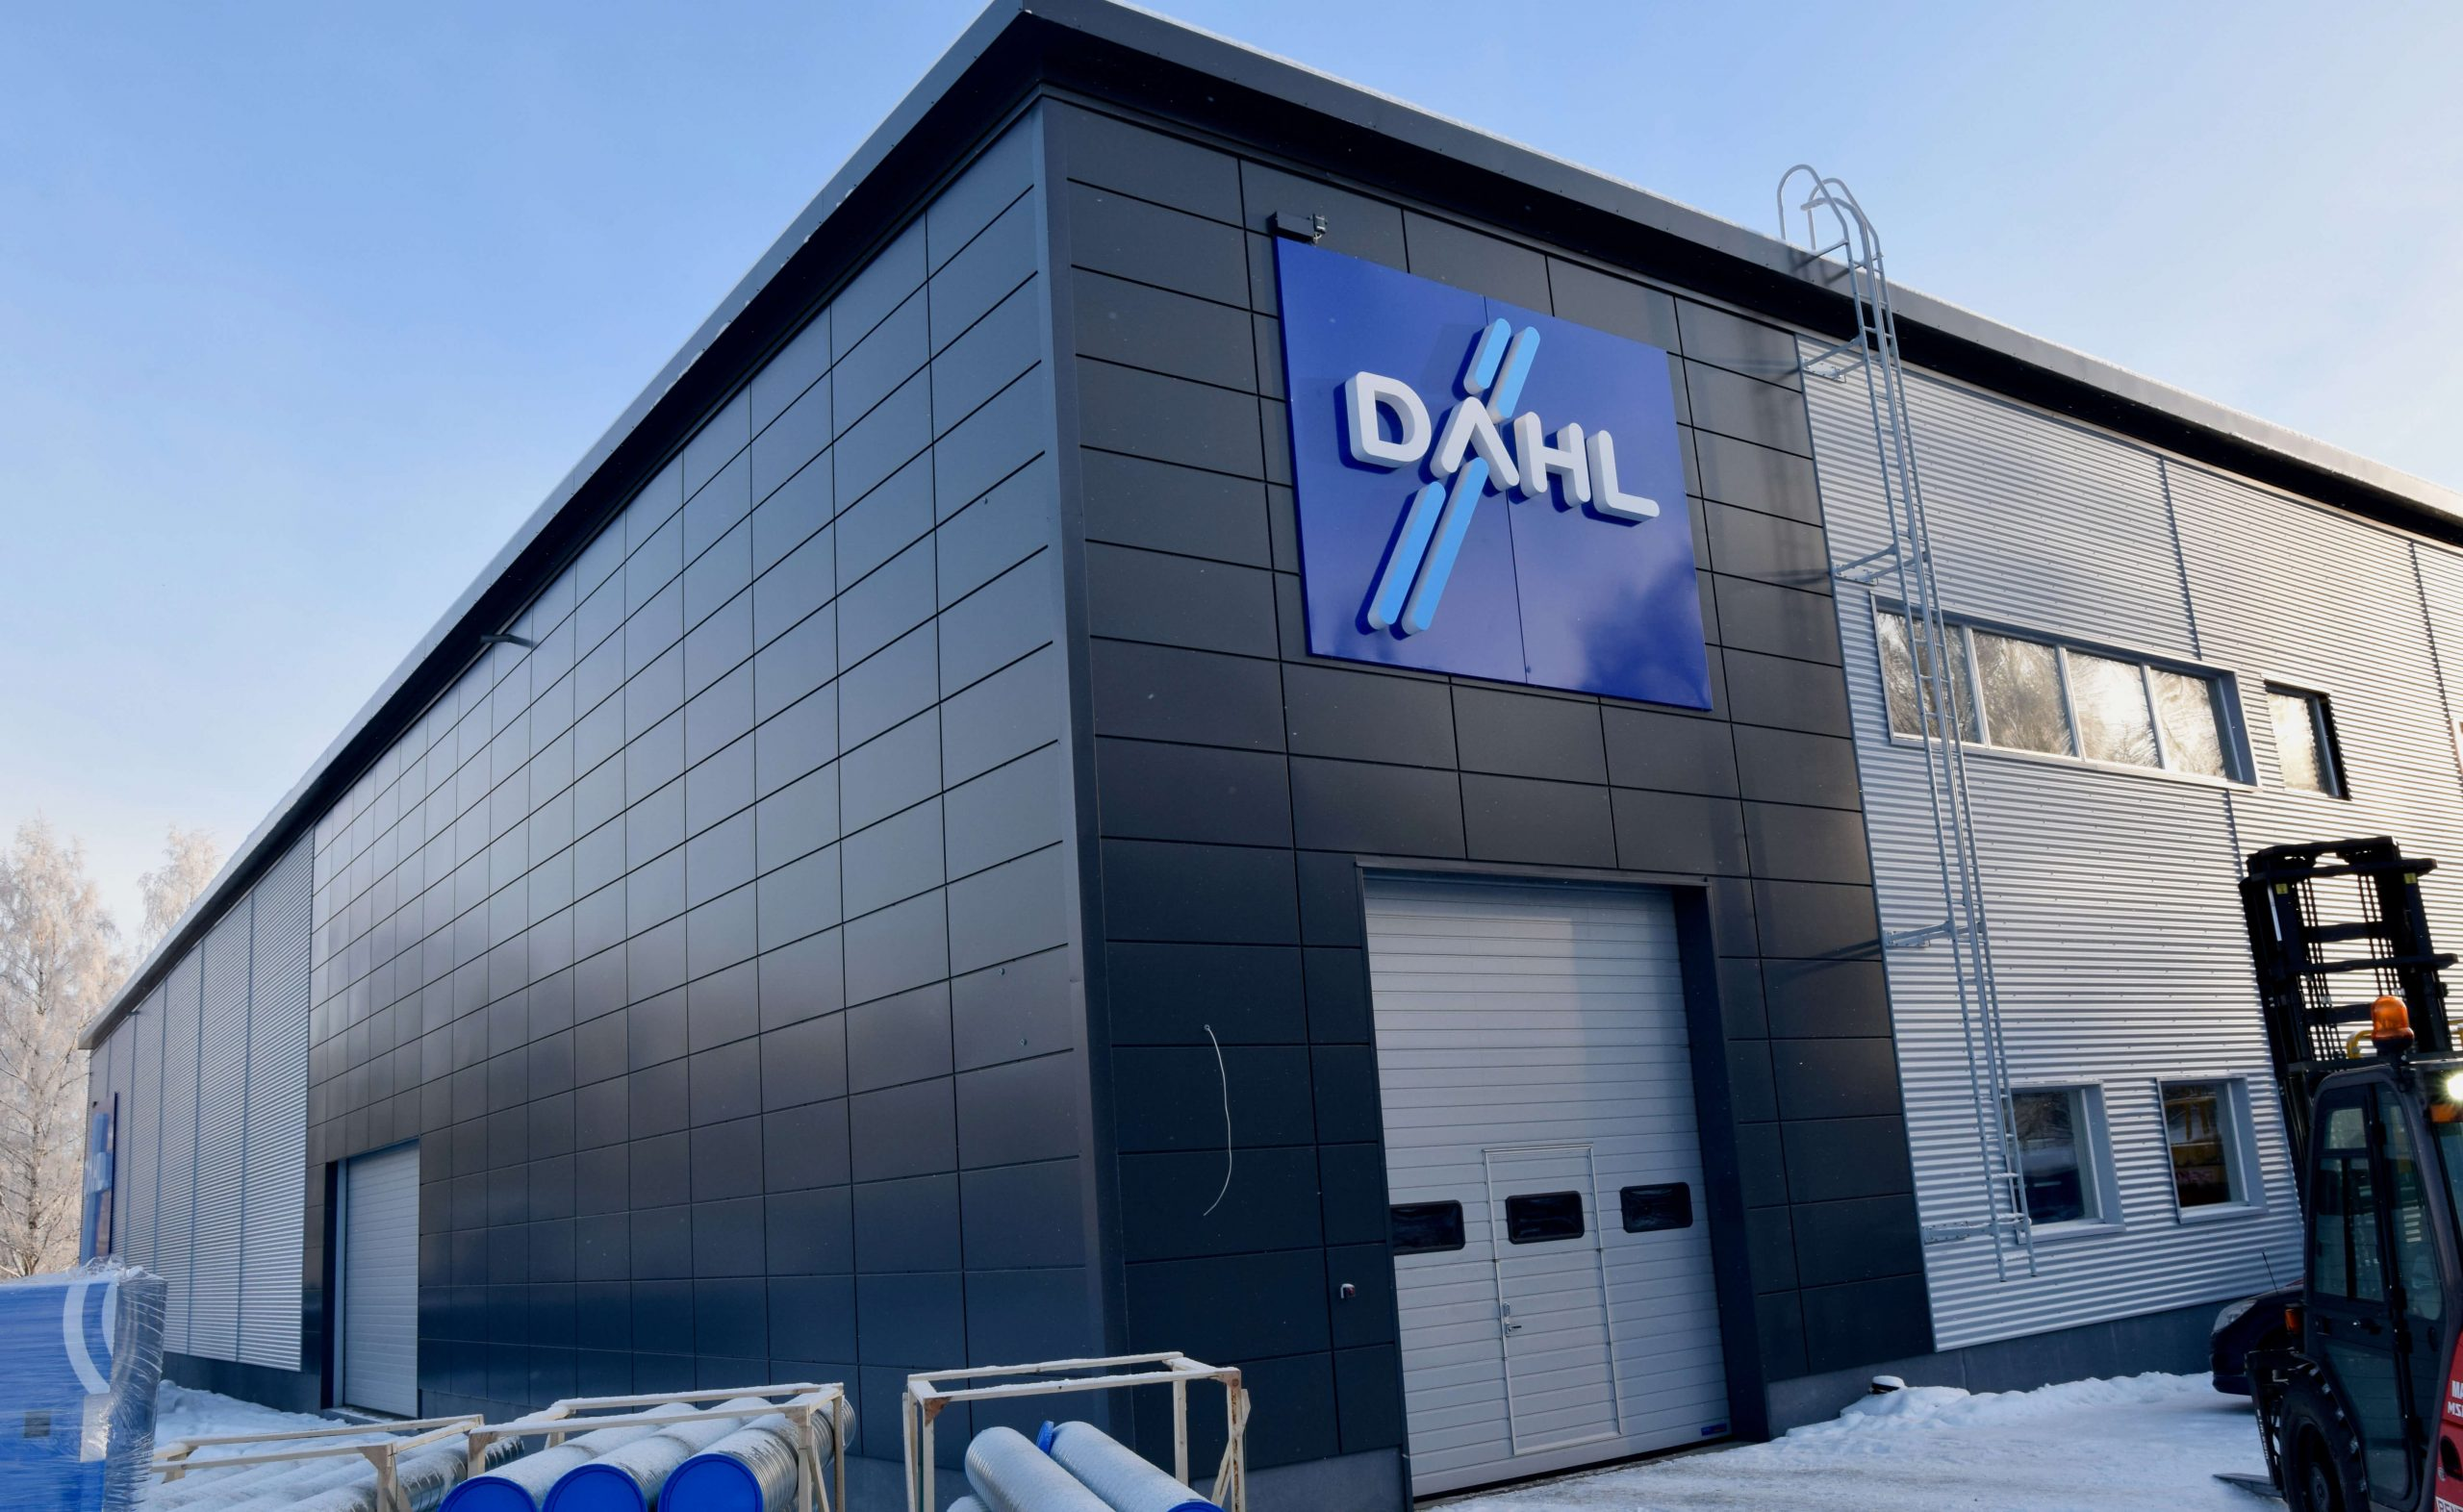 Dahl Kuopio